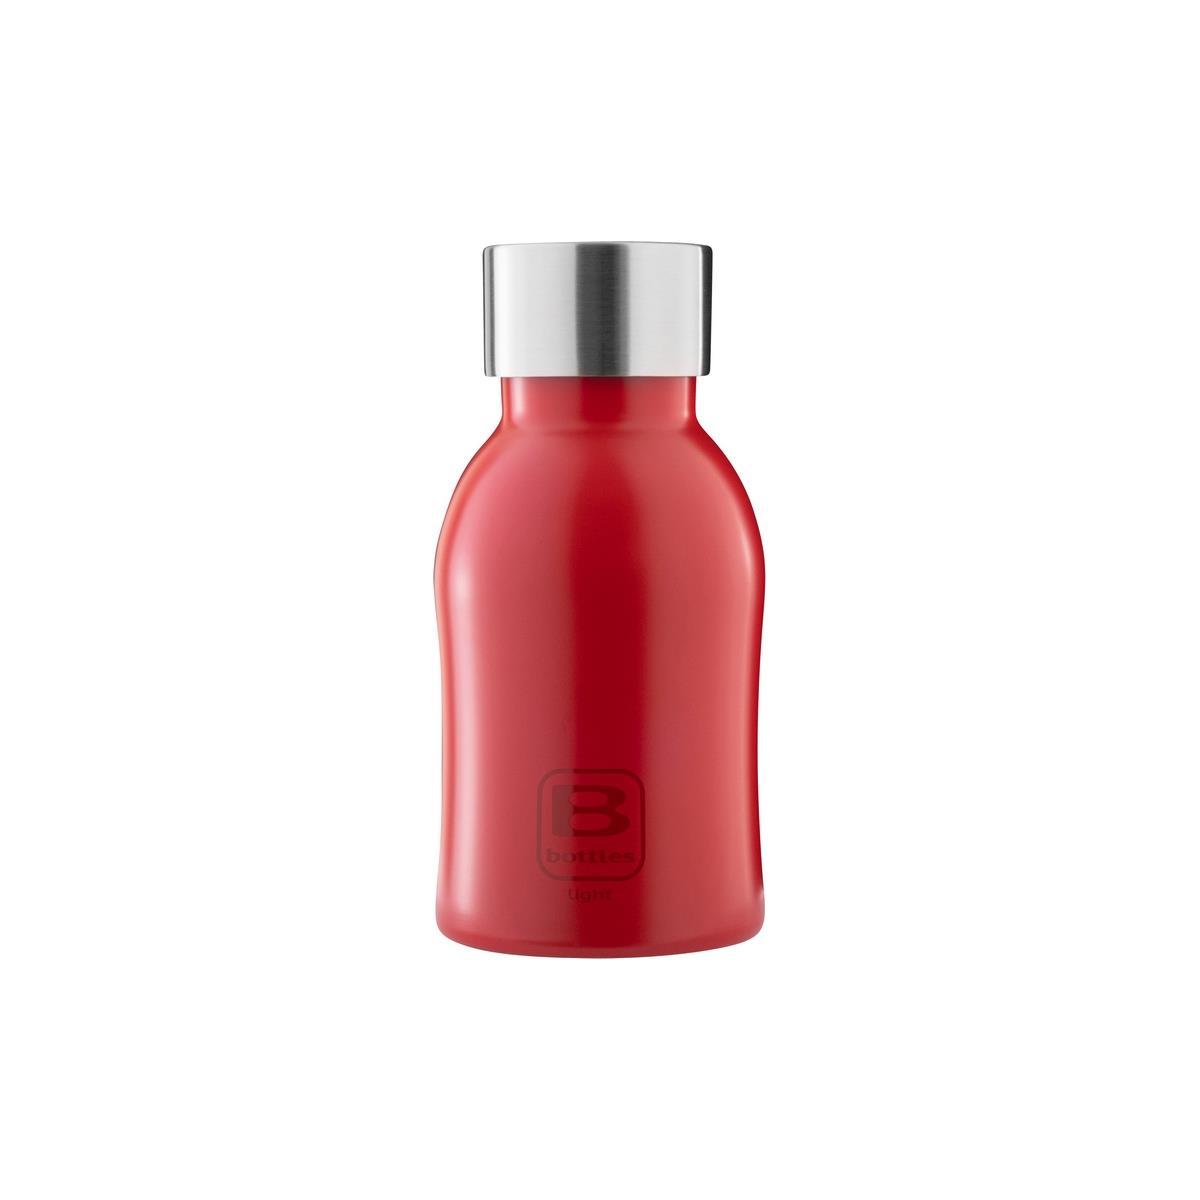 B Bottles Light - Rosso - 350 ml - Bottiglia in acciaio inox 18/10 ultra leggera e compatta